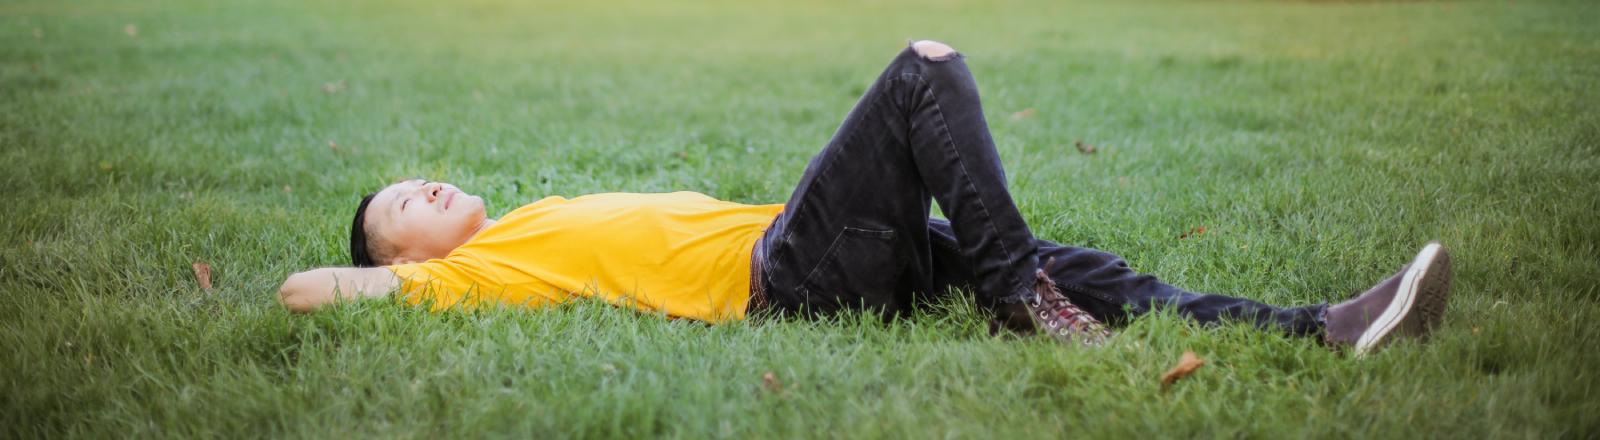 Auch der Blick in den Himmel kann Bewältigung sein: ein Mann liegt auf dem Rasen im Park